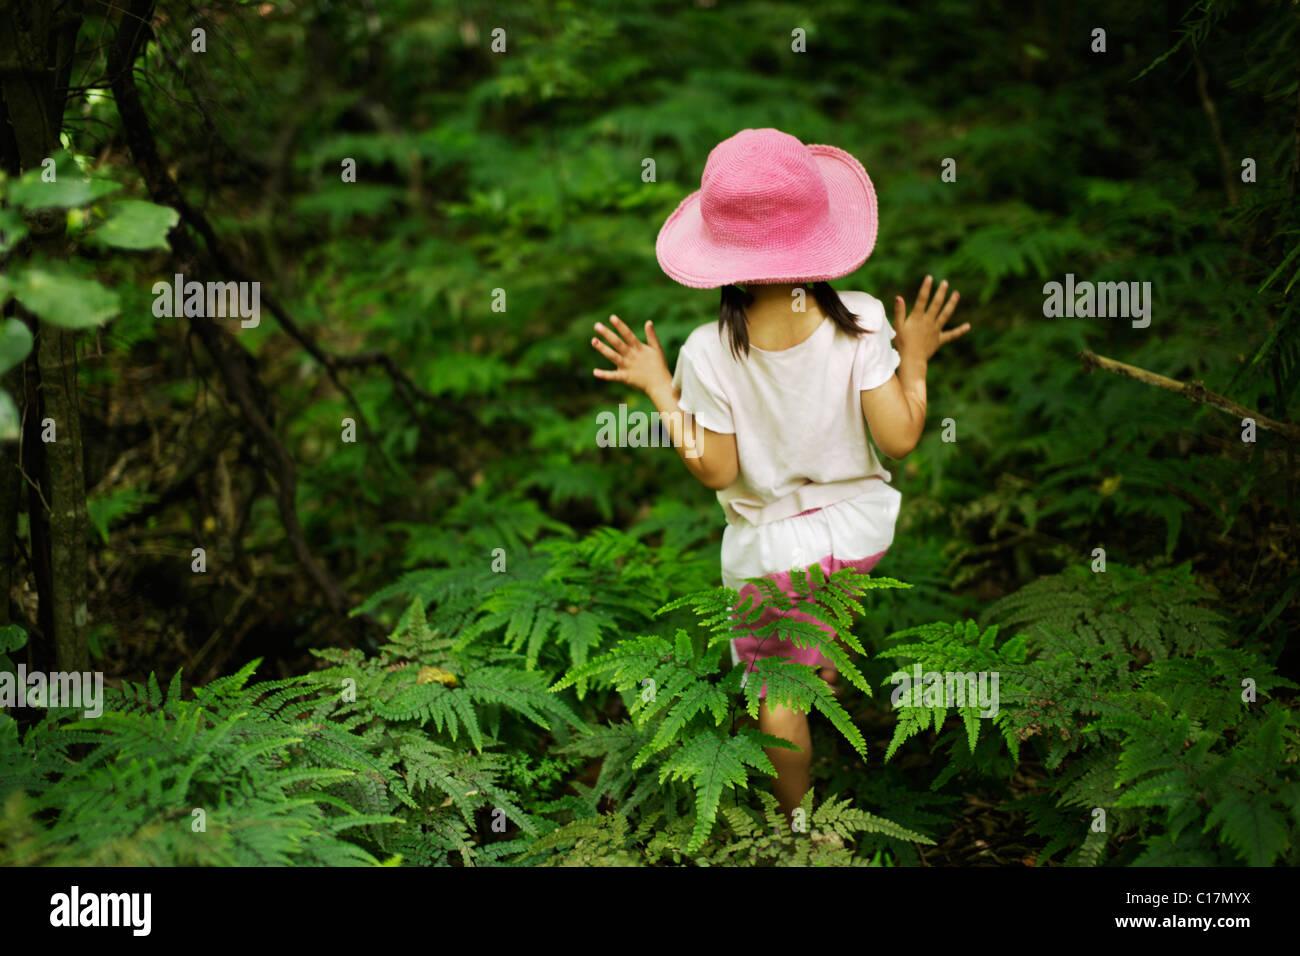 Petite fille de cinq ans se promène dans les fougères dans le bois Photo Stock